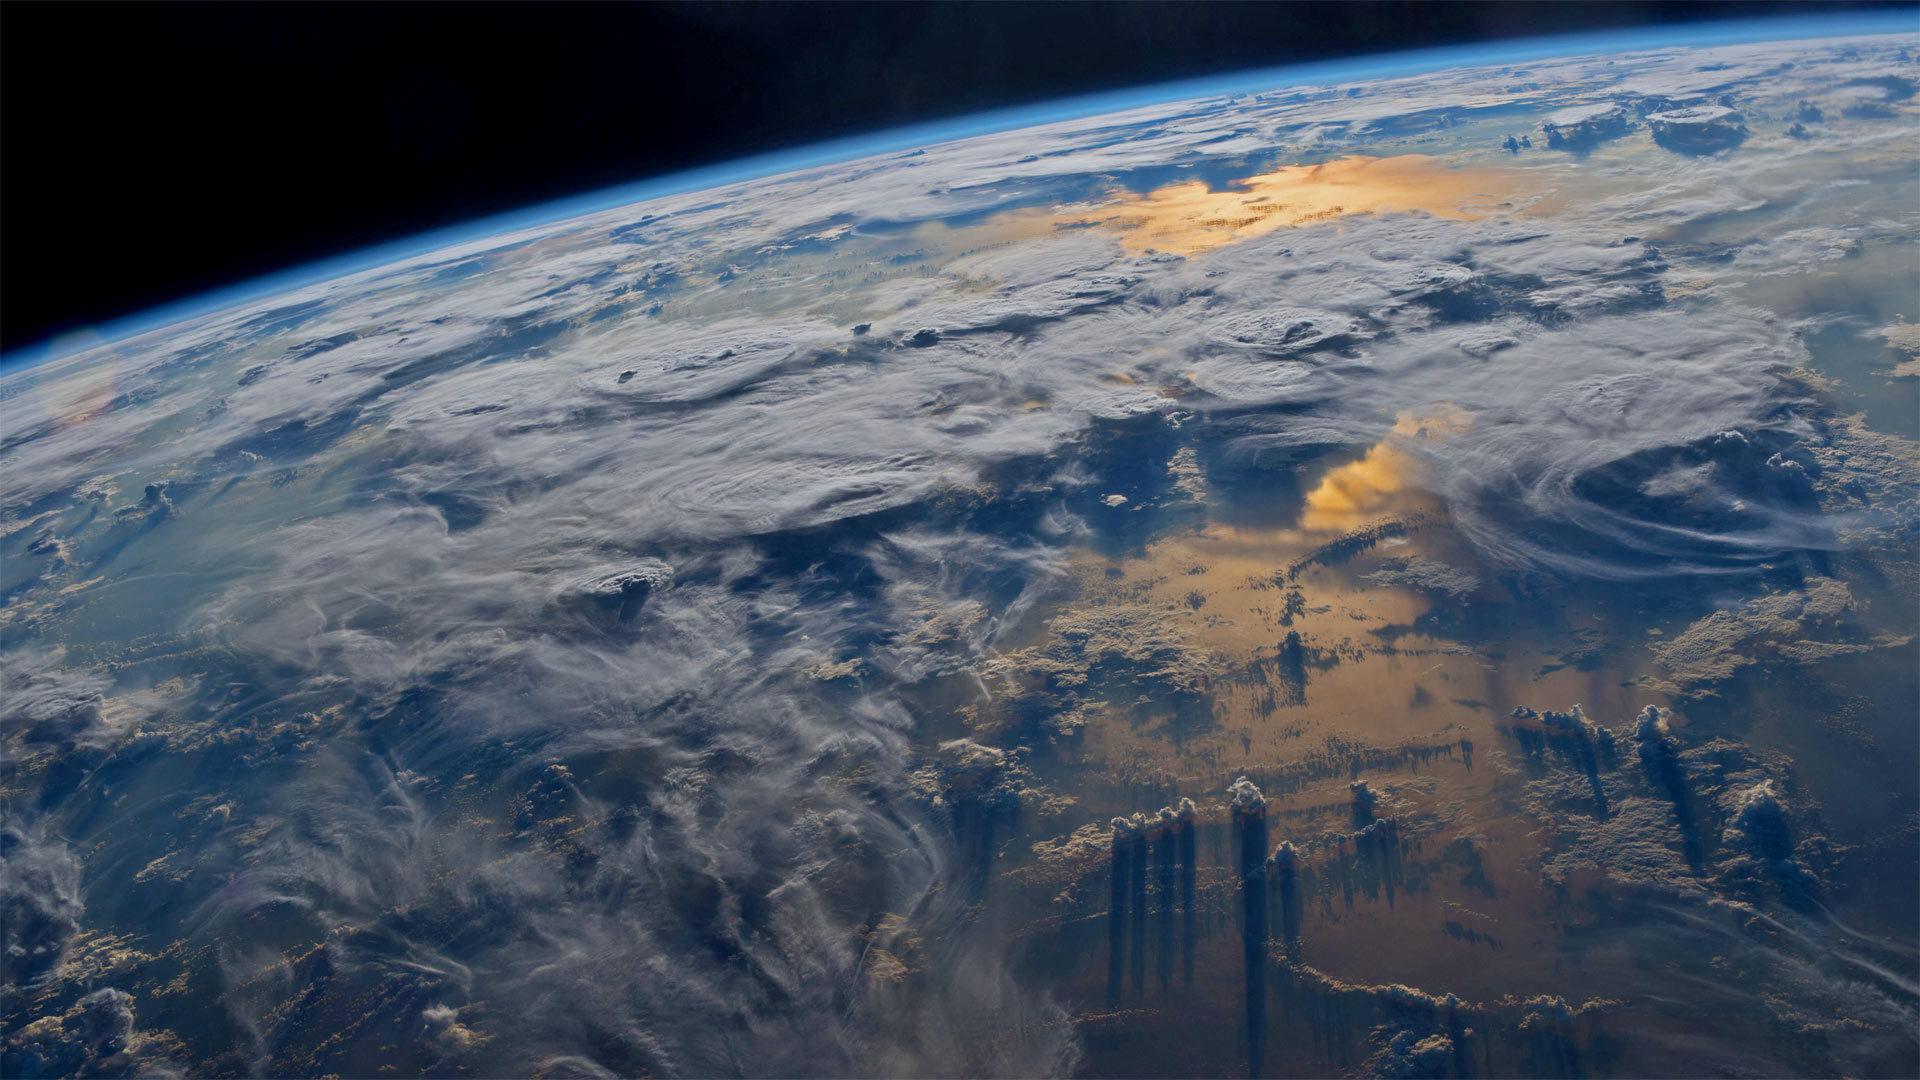 宇航员杰夫·威廉姆斯在国际空间站拍摄到的地球 地球